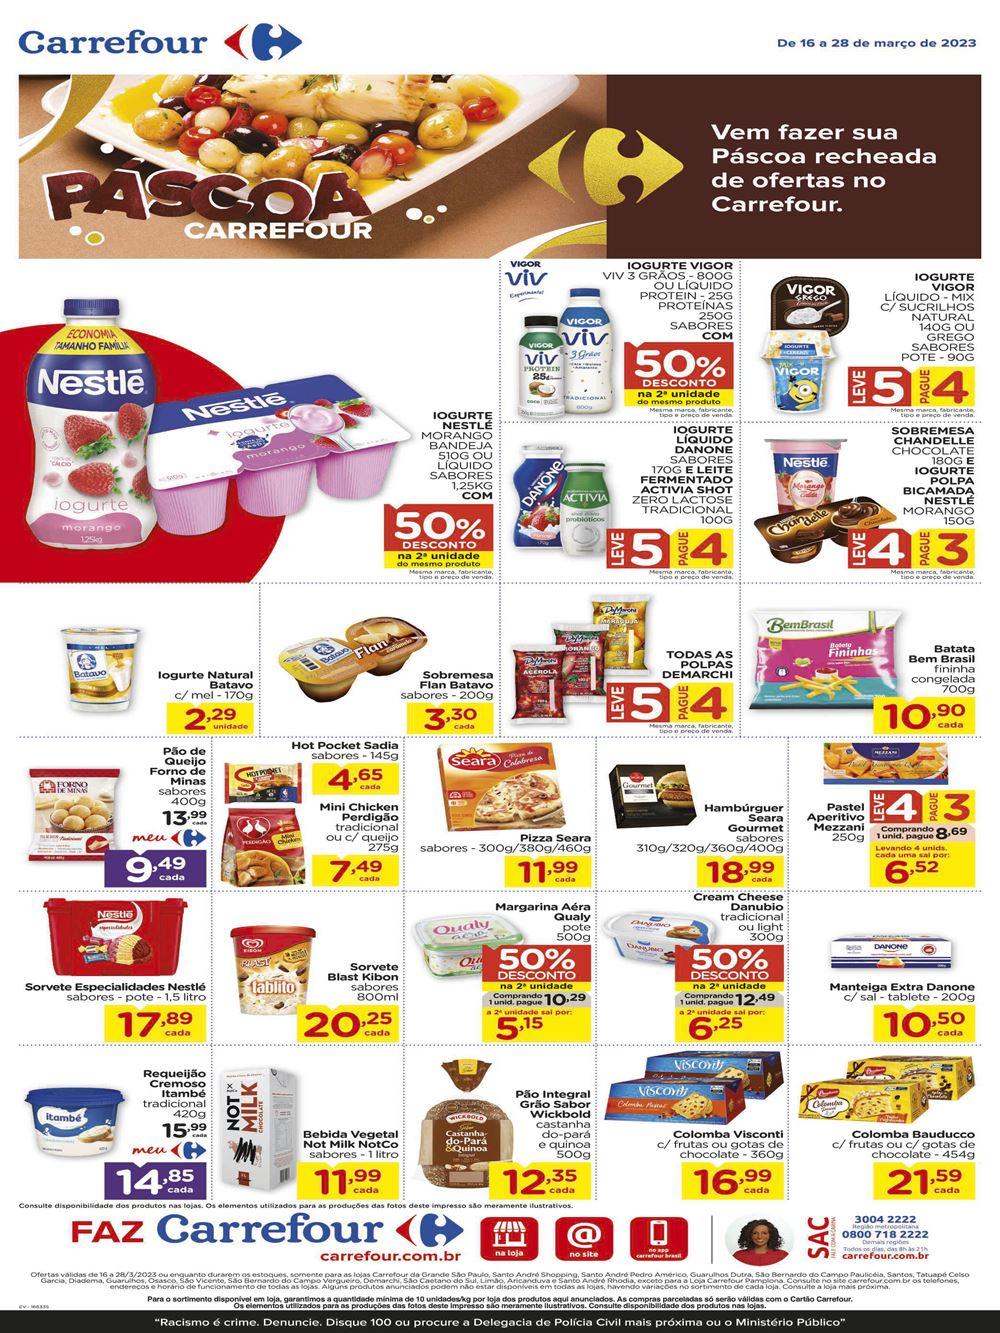 carrefour-ofertas-descontos-hoje6-17 Carrefour até 08/08